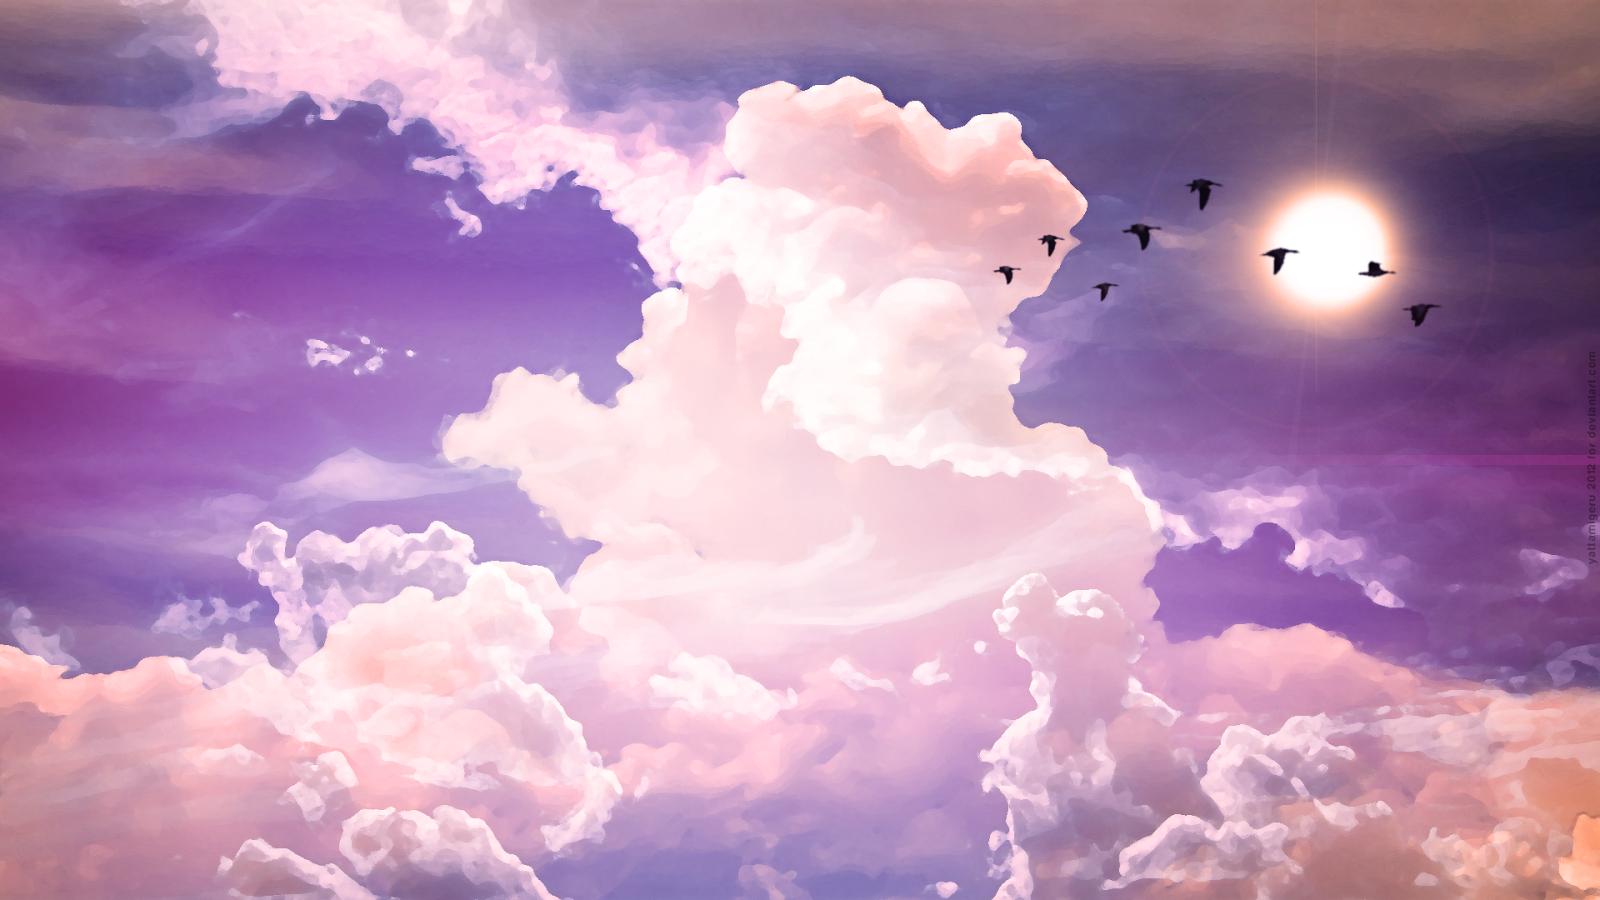 Hd wallpapers for desktop sky cloud wallpapers hd